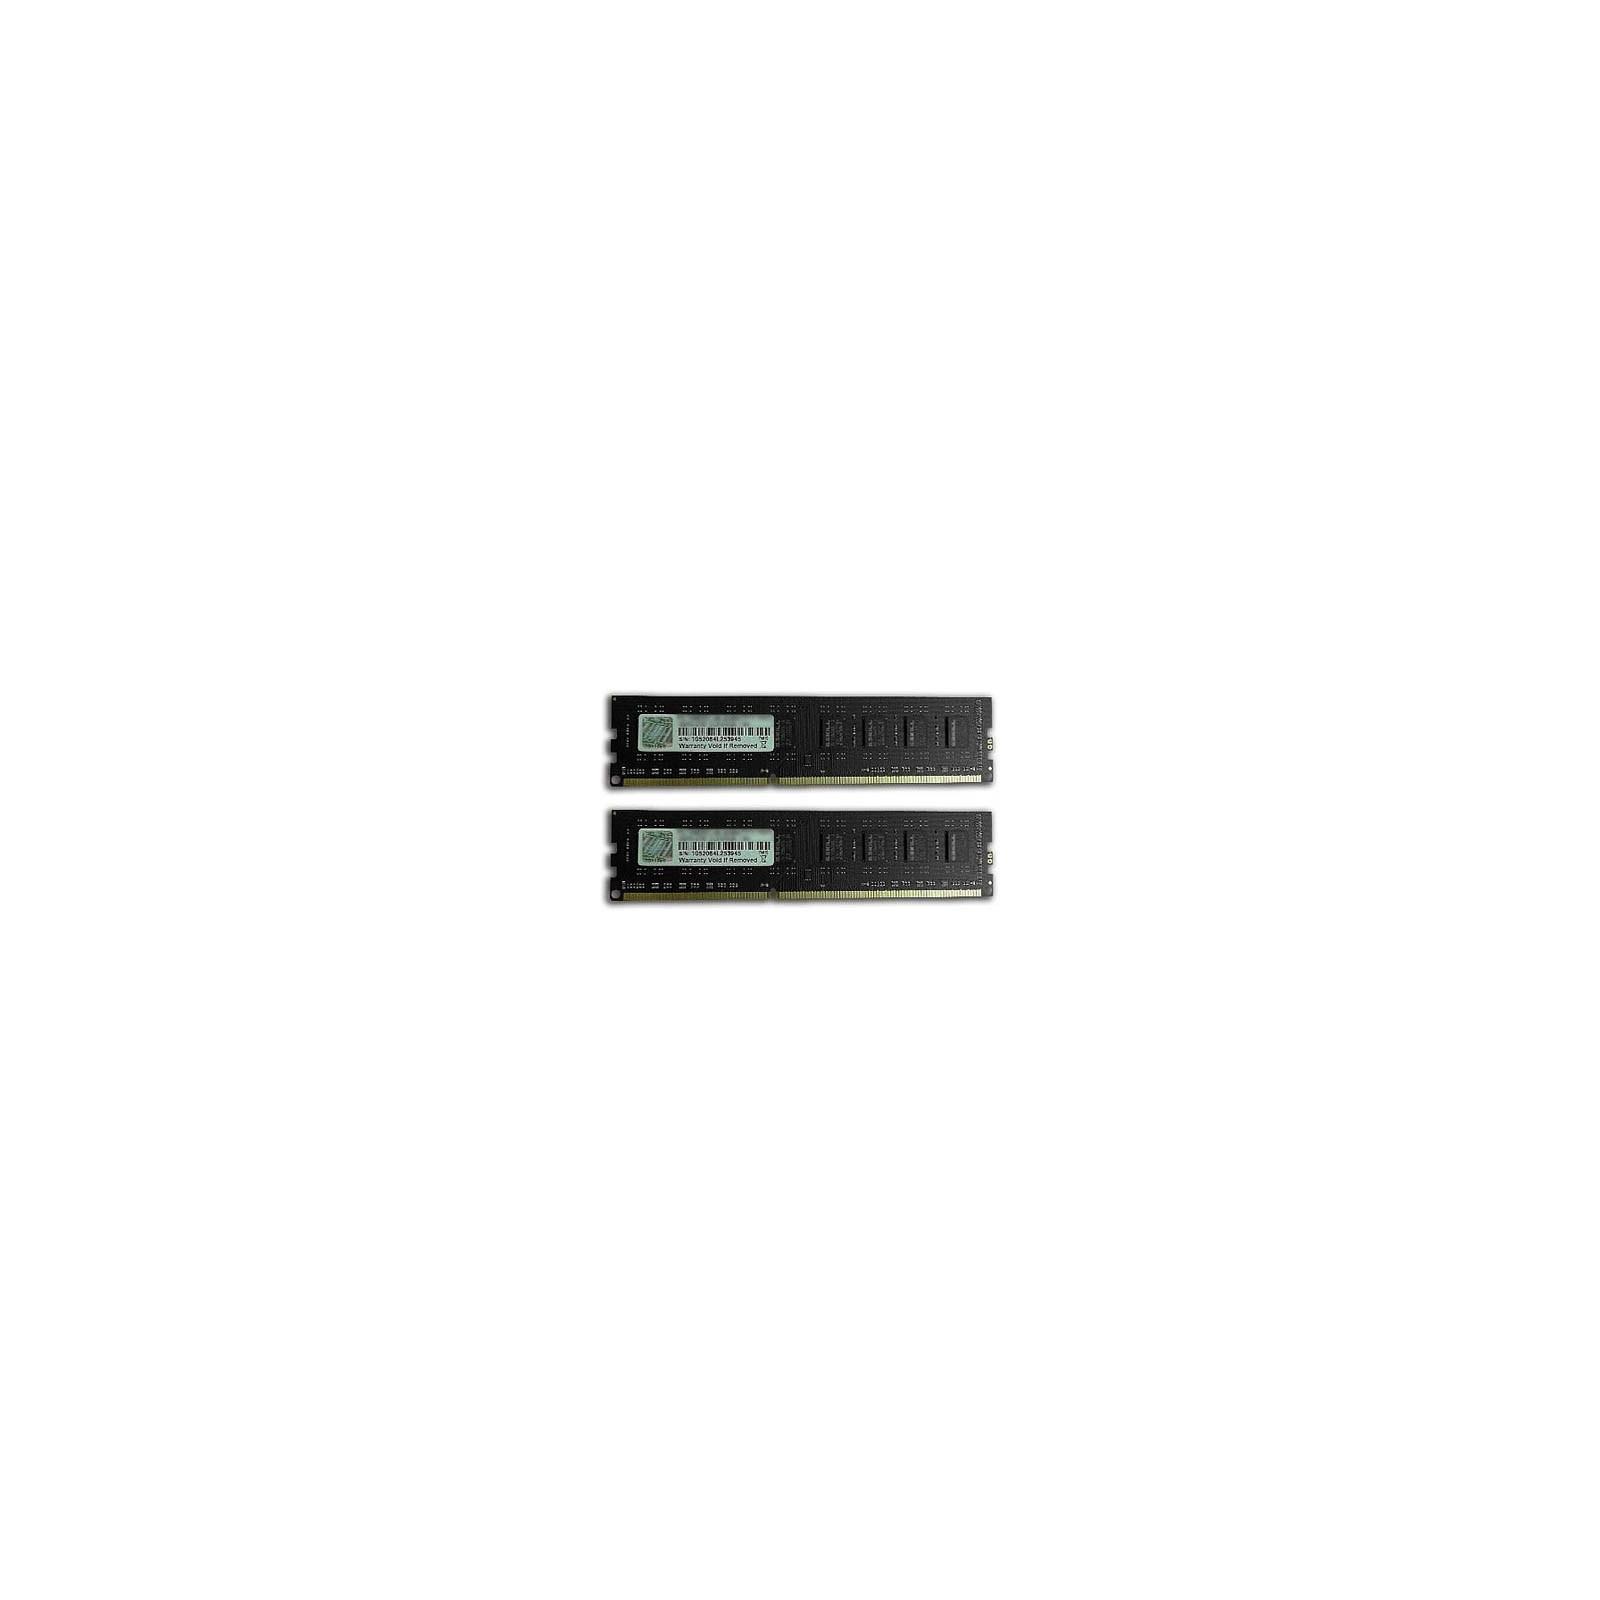 Модуль памяти для компьютера DDR3 16GB (2x8GB) 1600 MHz G.Skill (F3-1600C11D-16GNT)